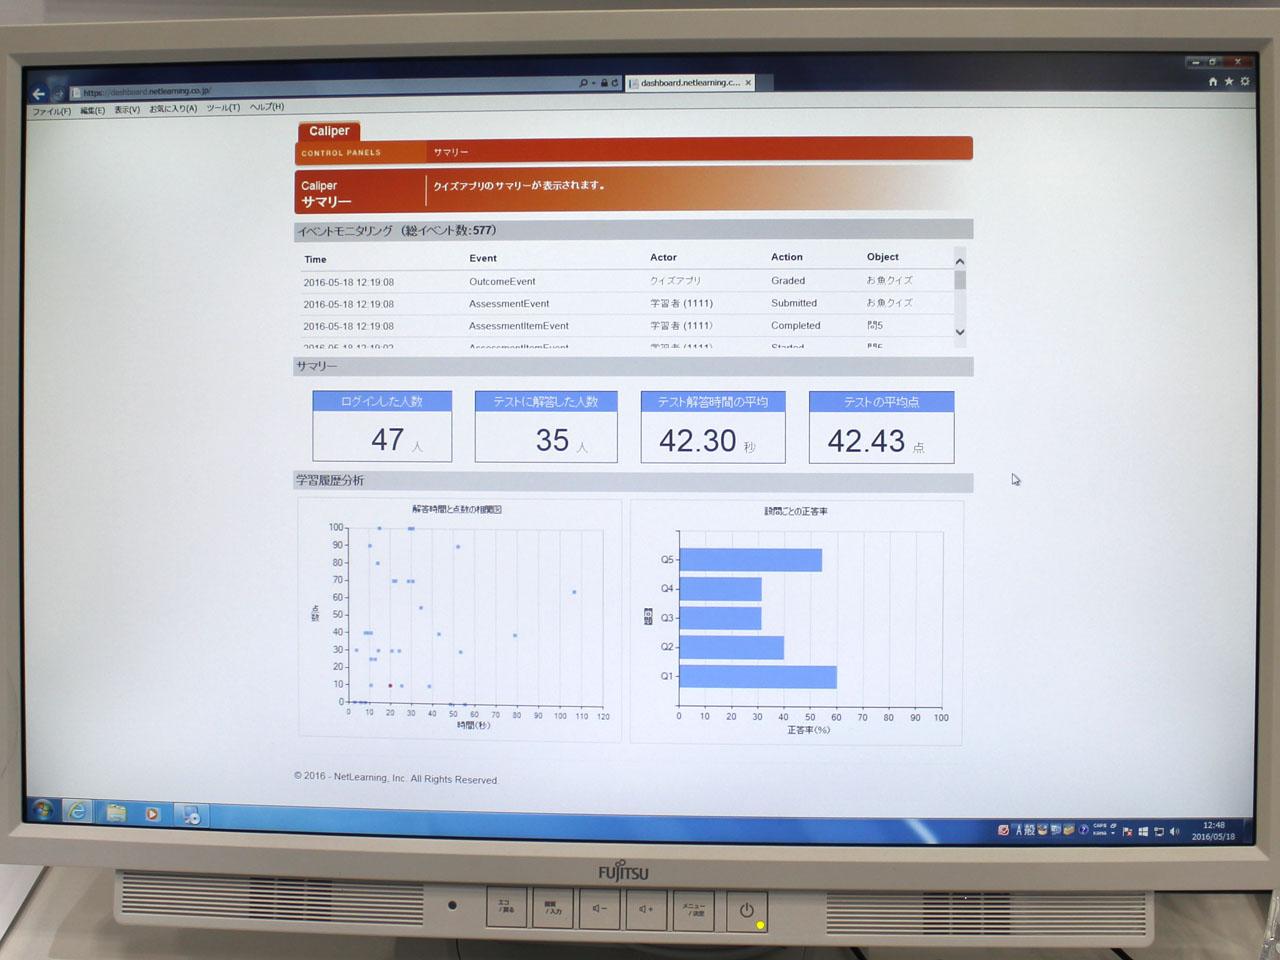 学習履歴の分析画面。テストの結果をサマリーで表示できるだけでなく、さまざまな学習データを収集、分析できる